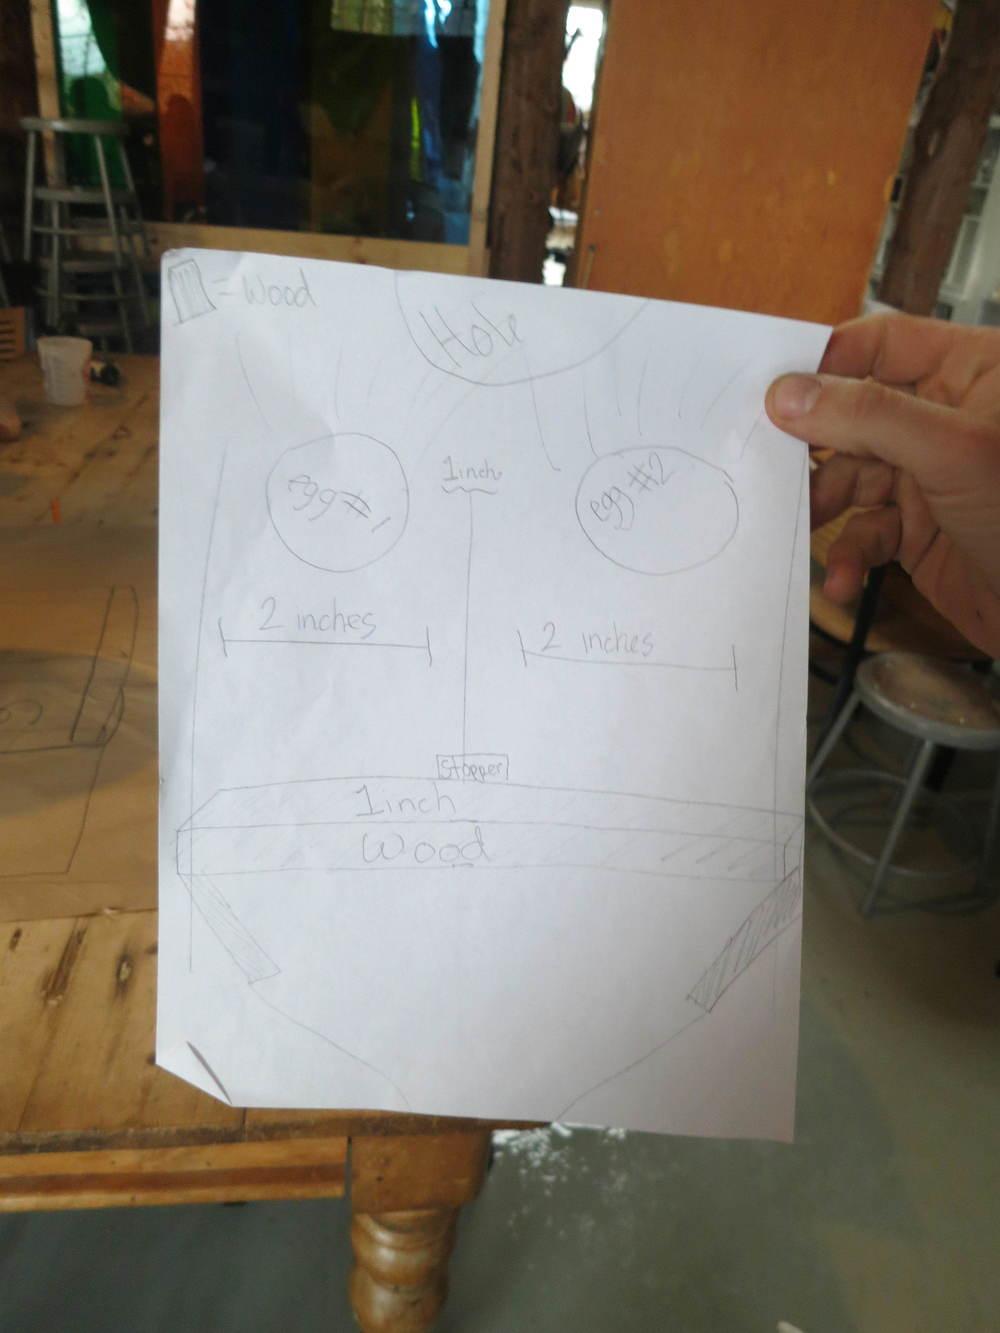 Egg regulator design by Hannah and Sophia.